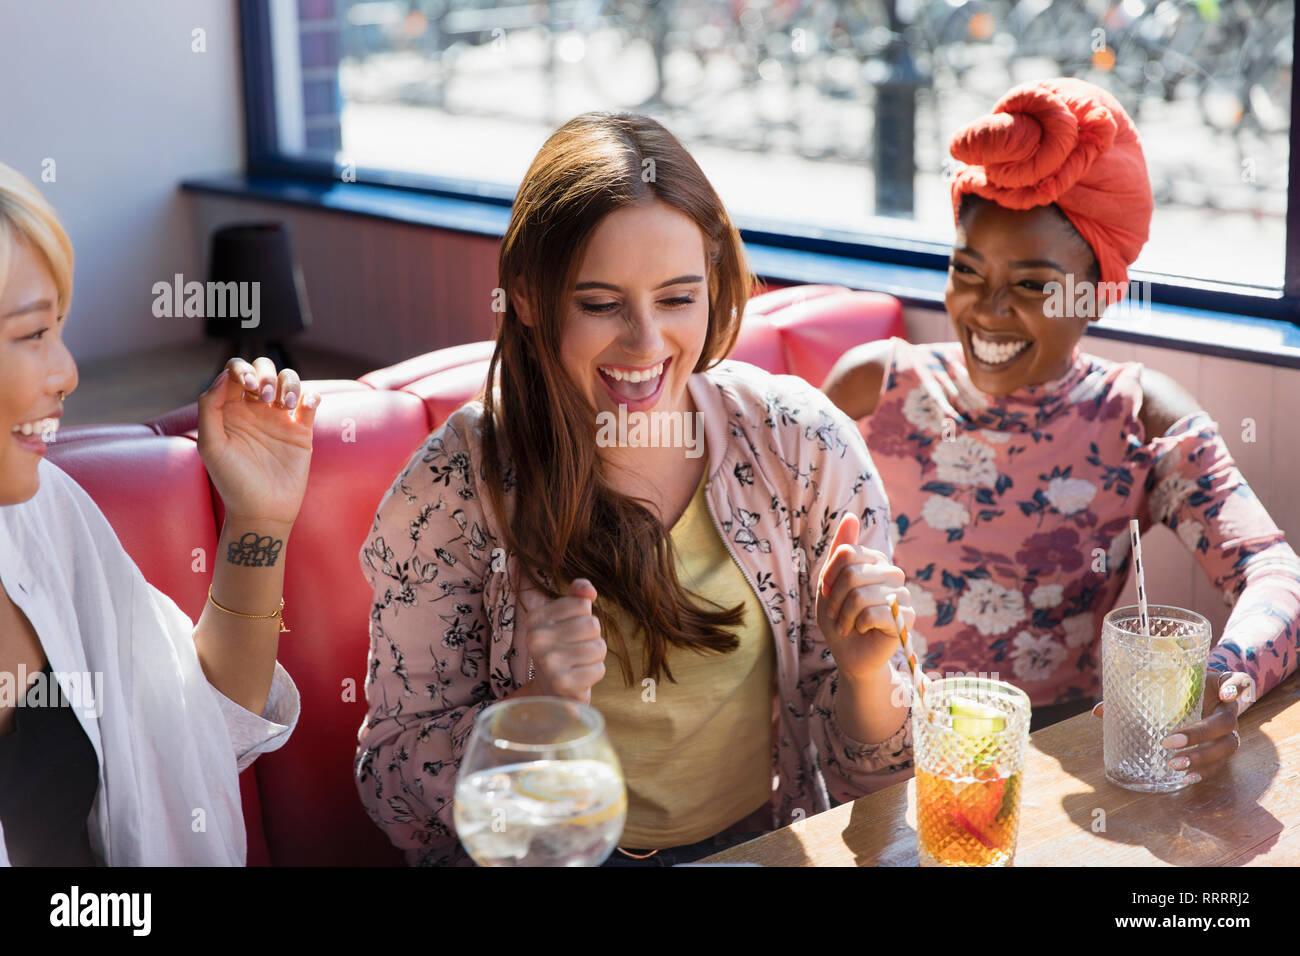 Felice, entusiasta delle giovani donne a bere un cocktail nel ristorante Foto Stock